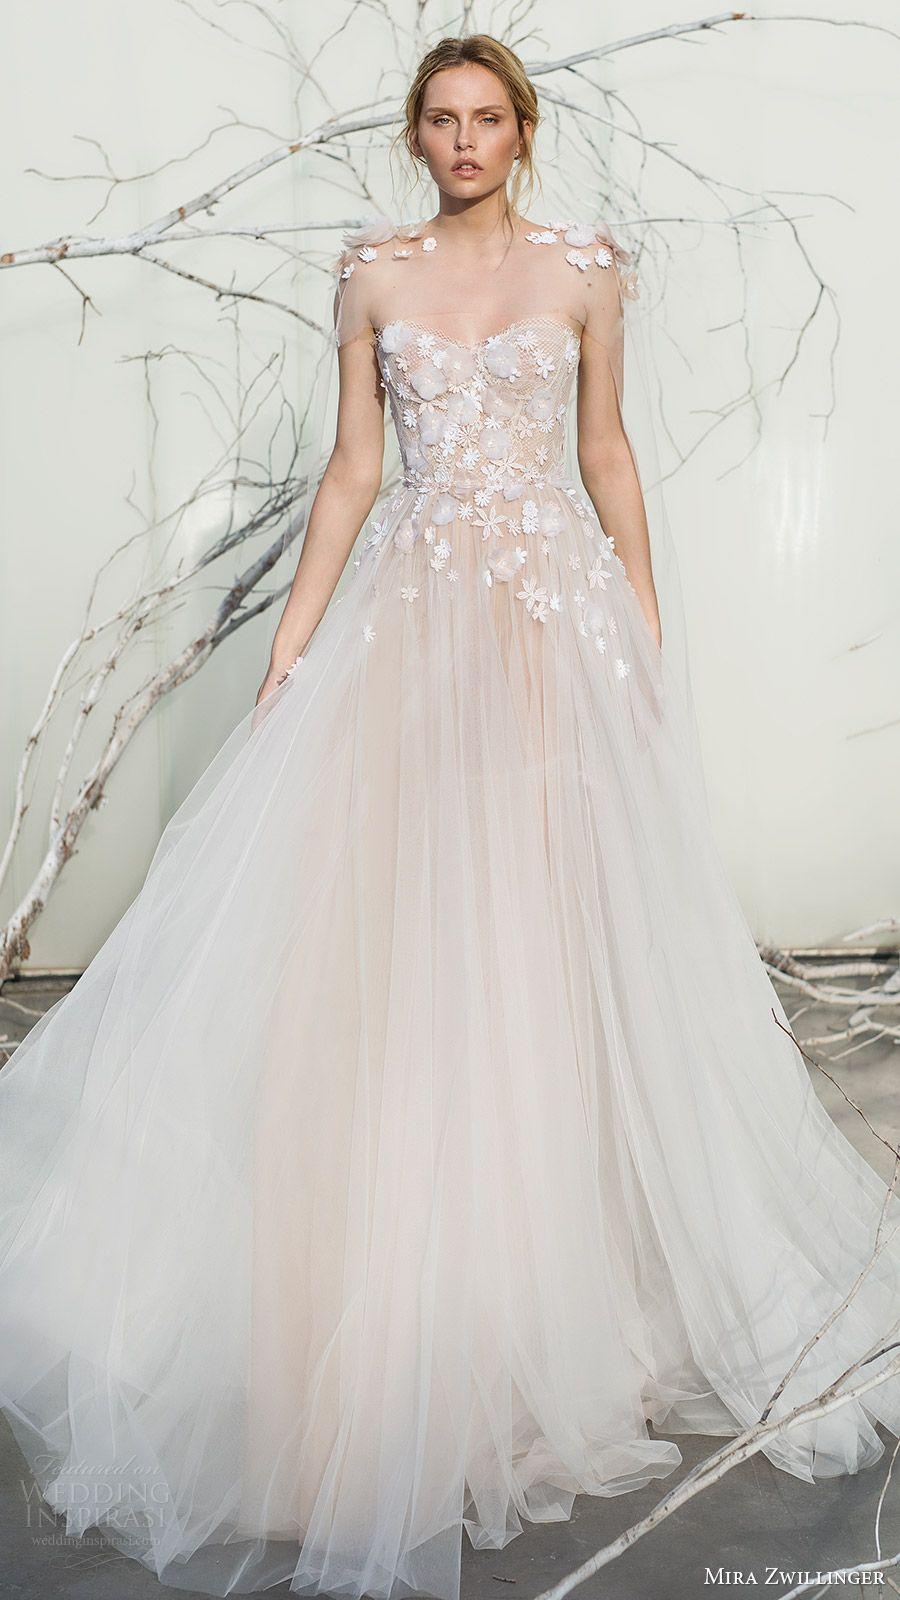 Mira Zwillinger Bridal 2017 Strapless Sweetheart Ball Gown Wedding Dress Elsa Sheer Cape Mv